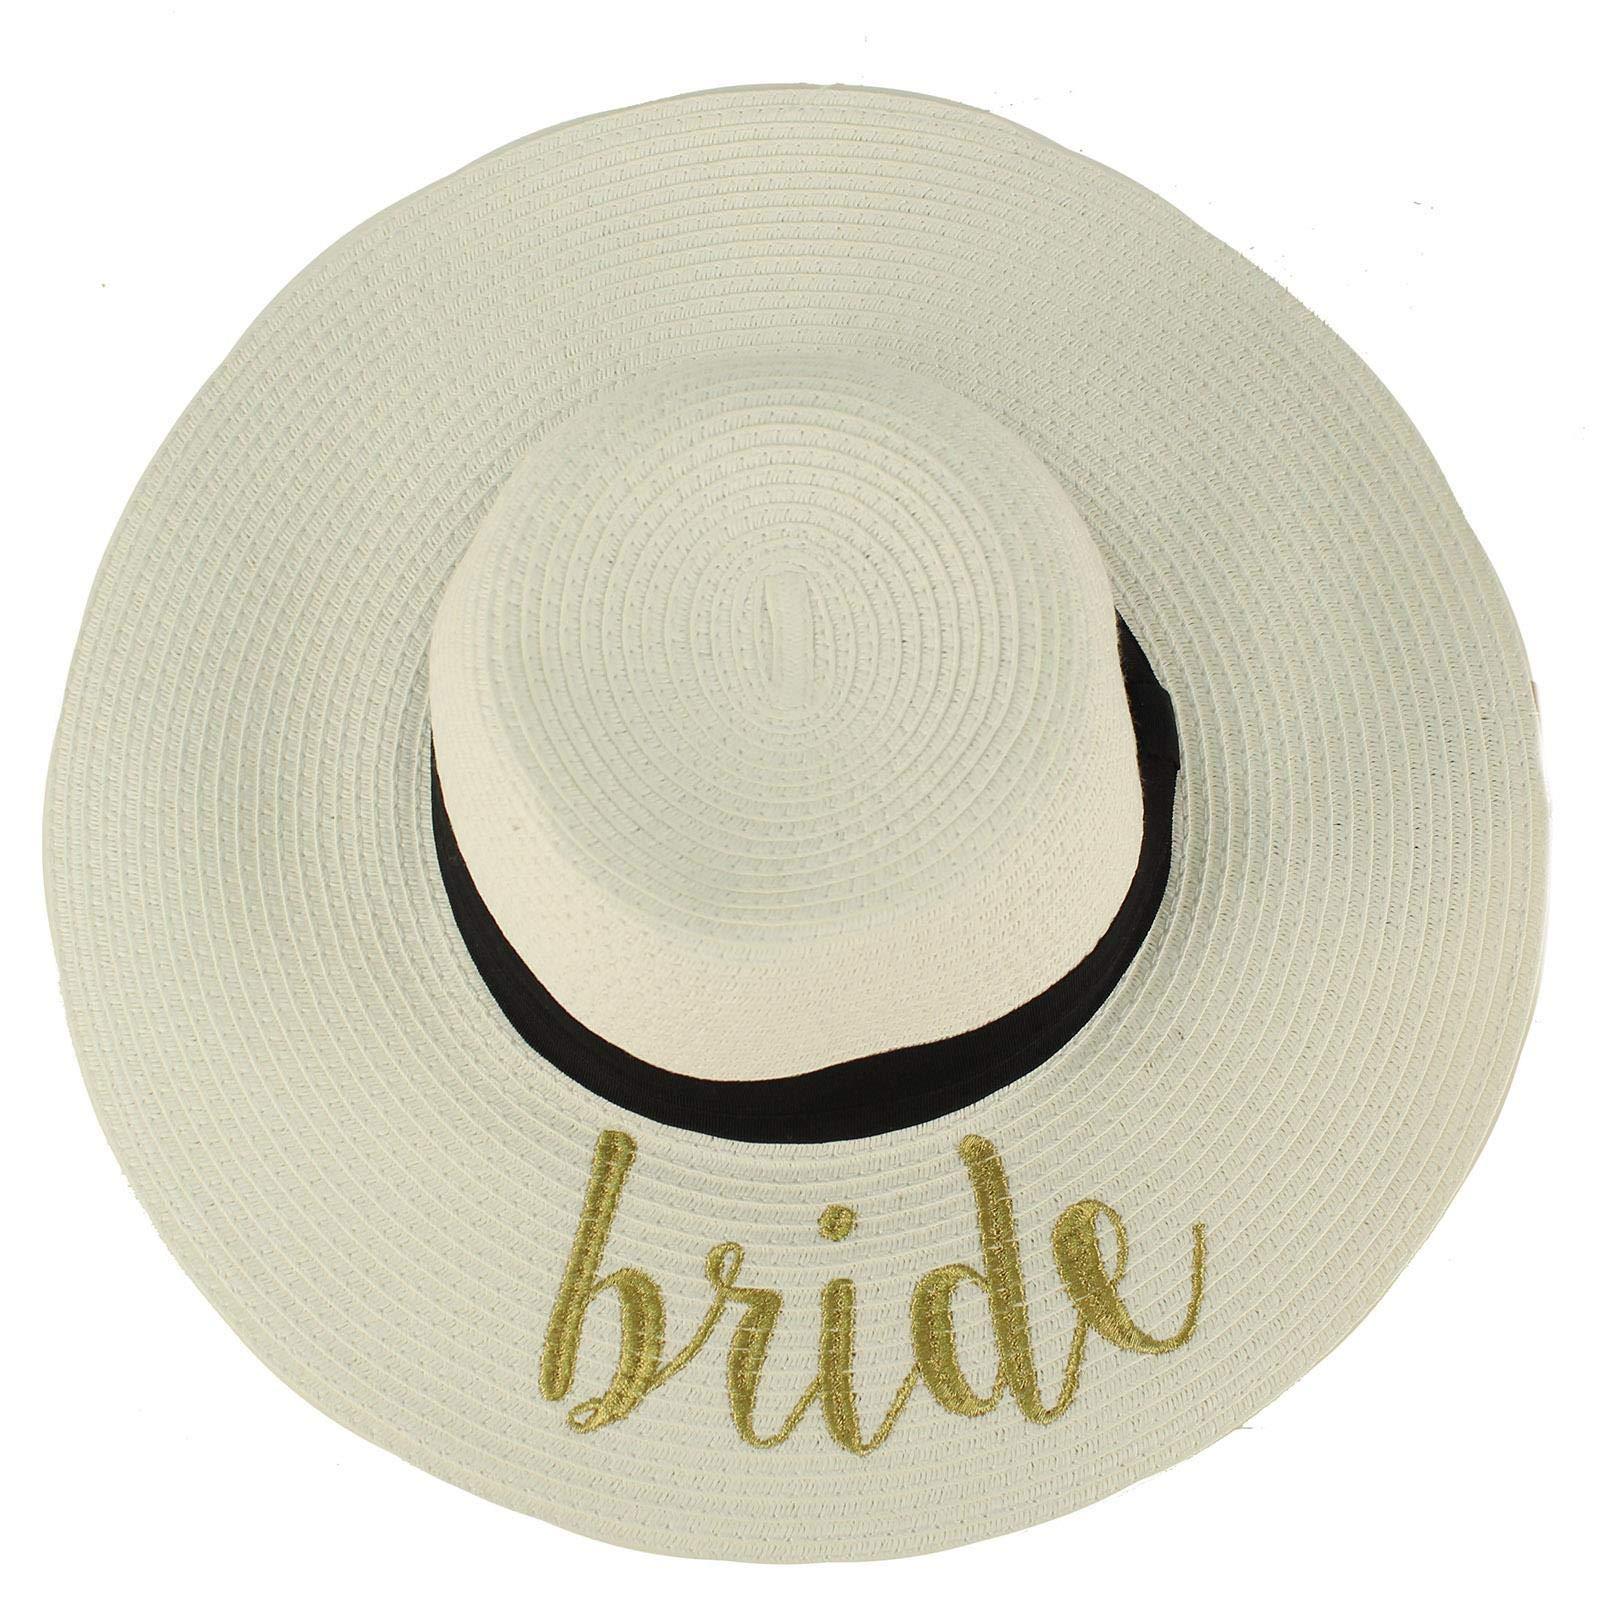 Fun Verbiage Elegant Wide Brim 4'' Summer Derby Beach Pool Floppy Dress Sun Hat White/Gold (Bride) by C.C